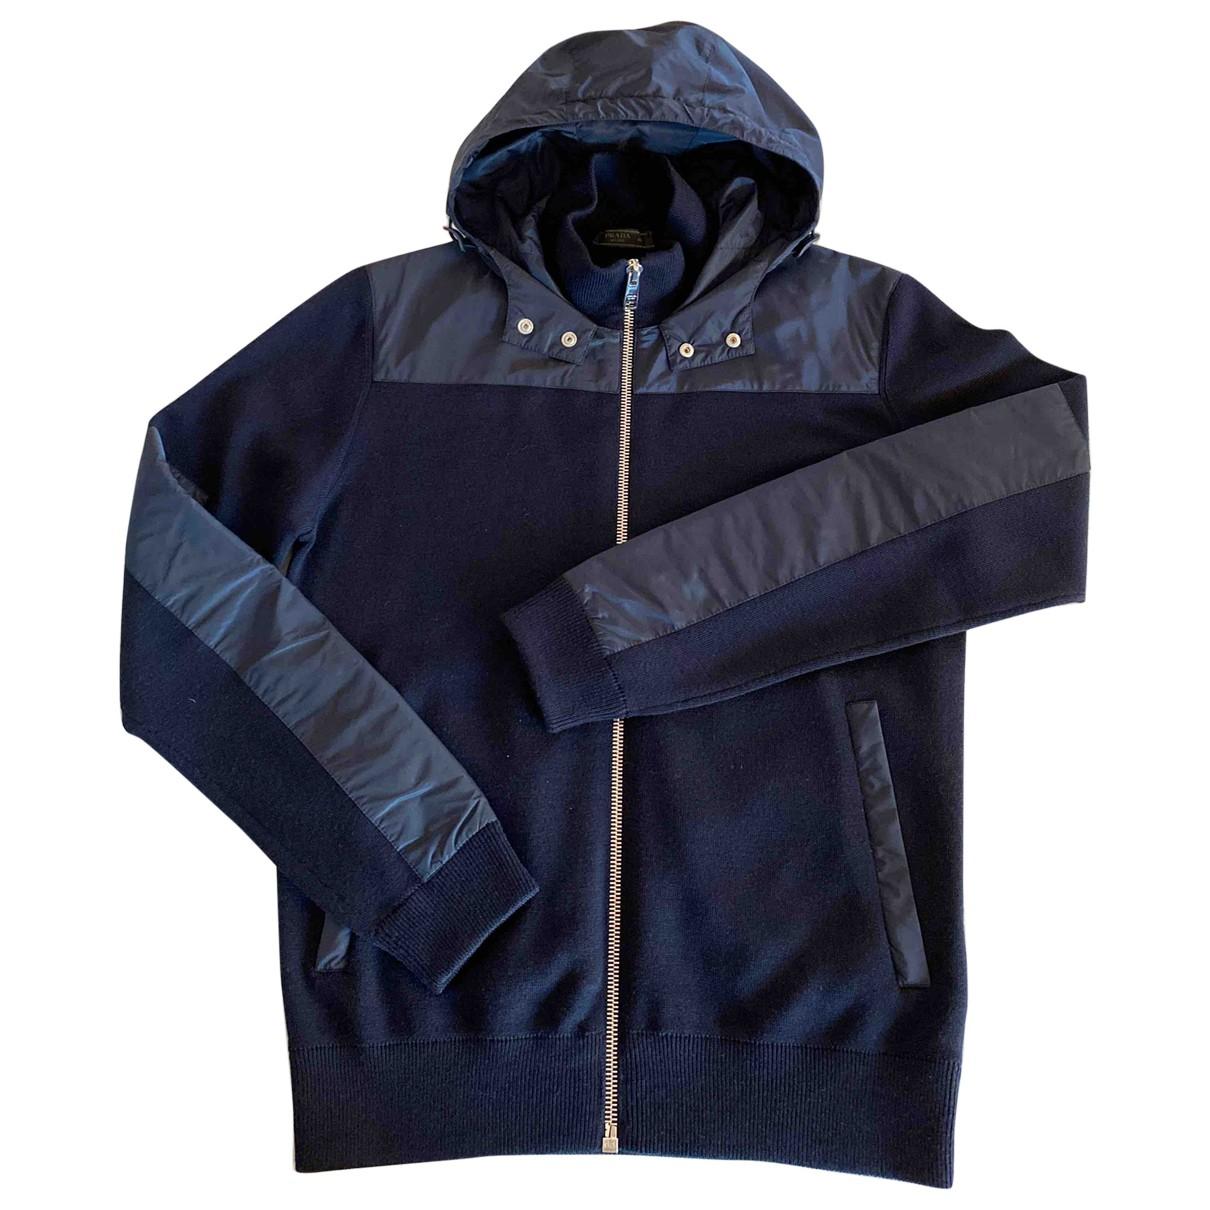 Prada - Vestes.Blousons   pour homme en laine - marine